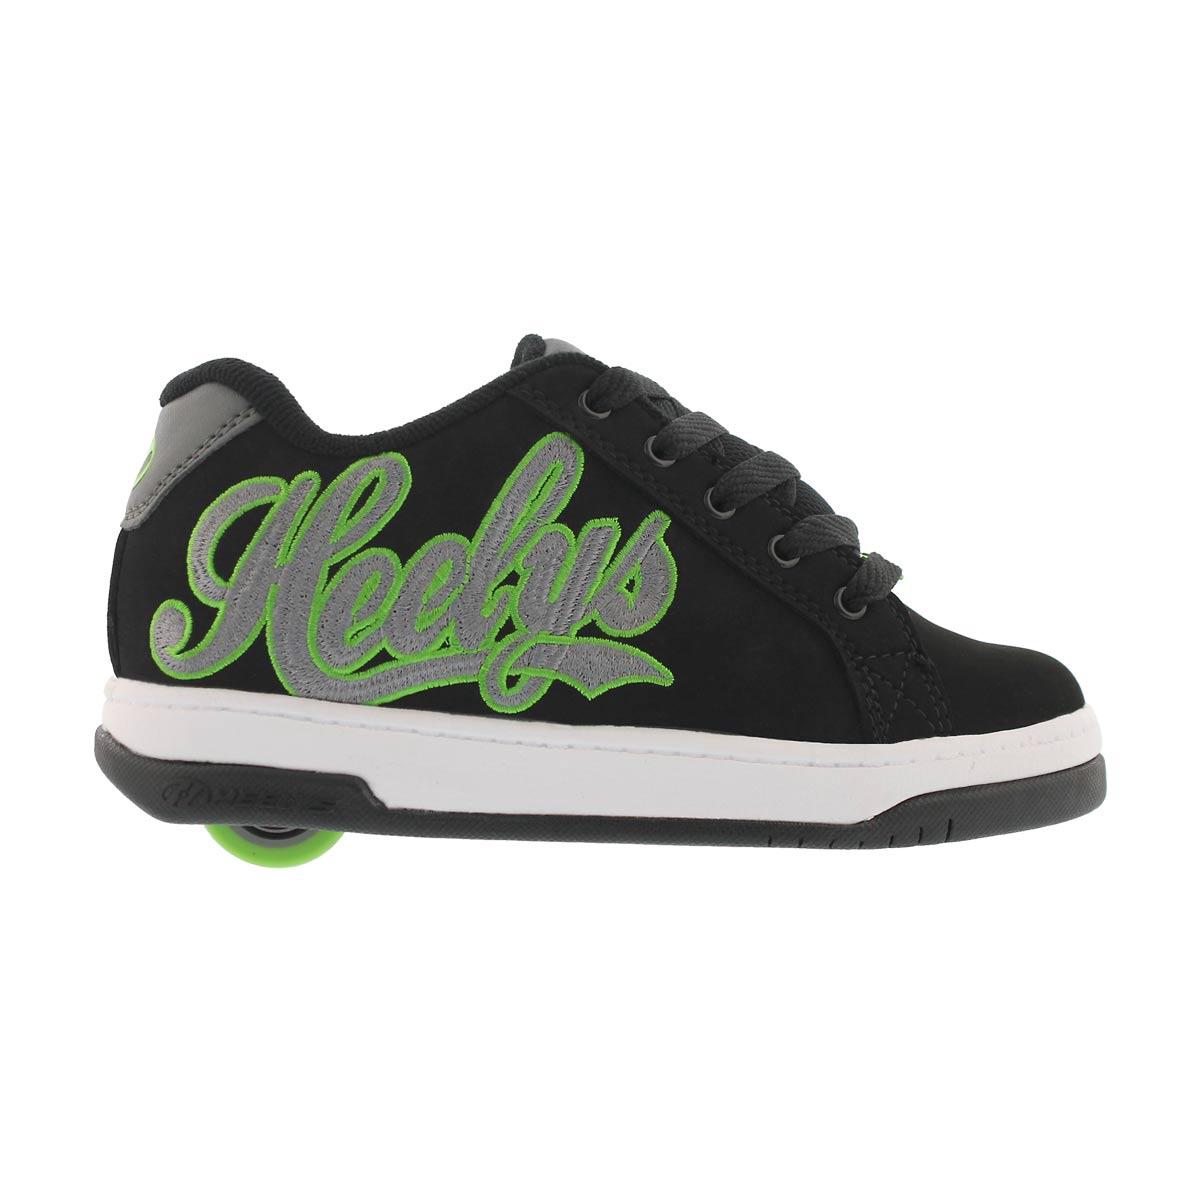 Bys Split blk/char/green skate sneaker